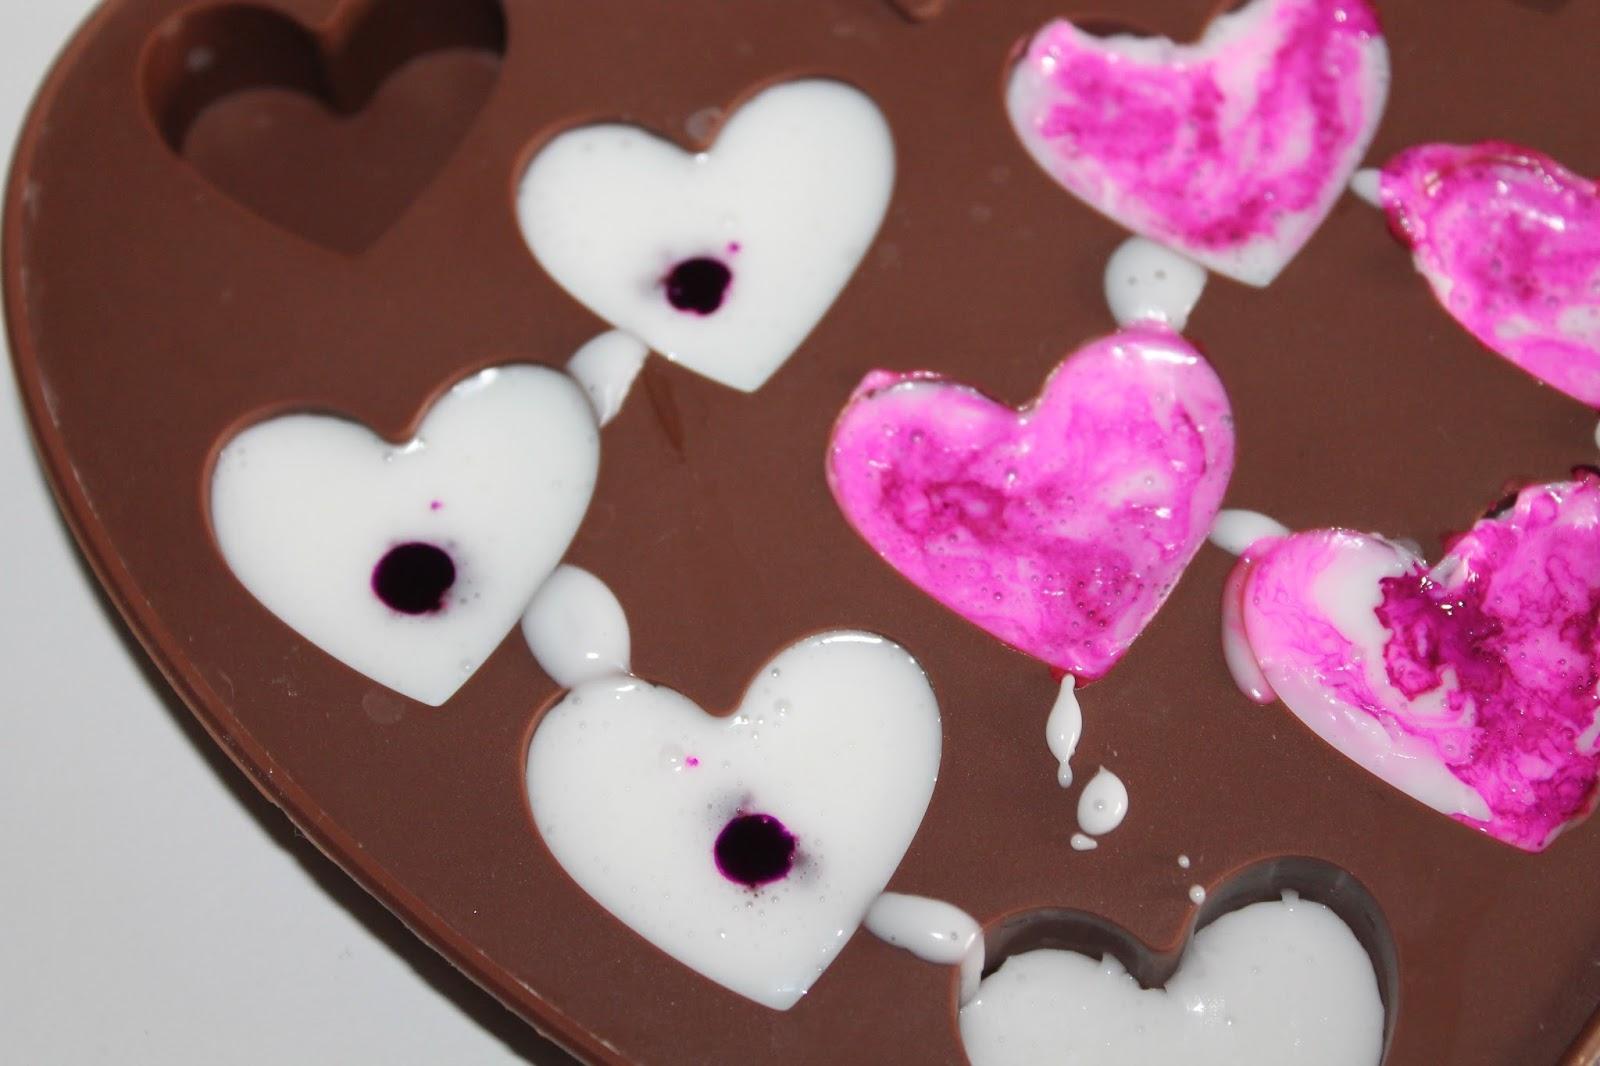 DIY, Basteln: marmorierte Seifenherzen in pink als Geschenkidee, Kosmetik, Beauty und Wohndekoration - DIYCarinchen